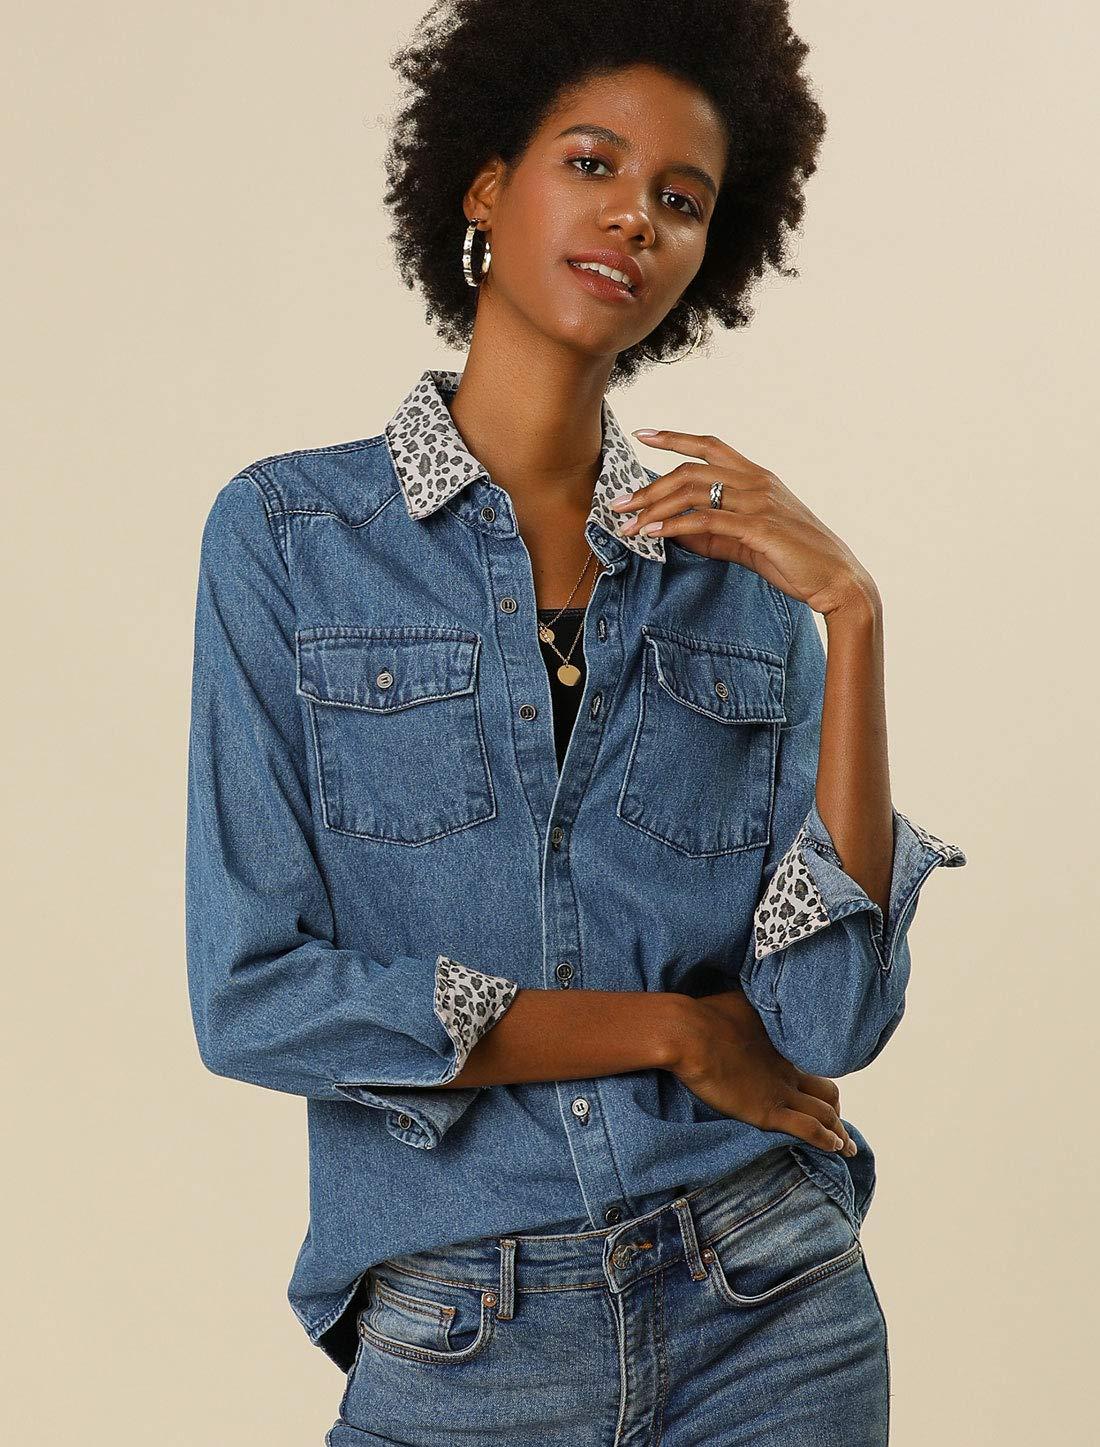 Women's Leopard Print Button Up Long Sleeves Jean Denim Shirt 4